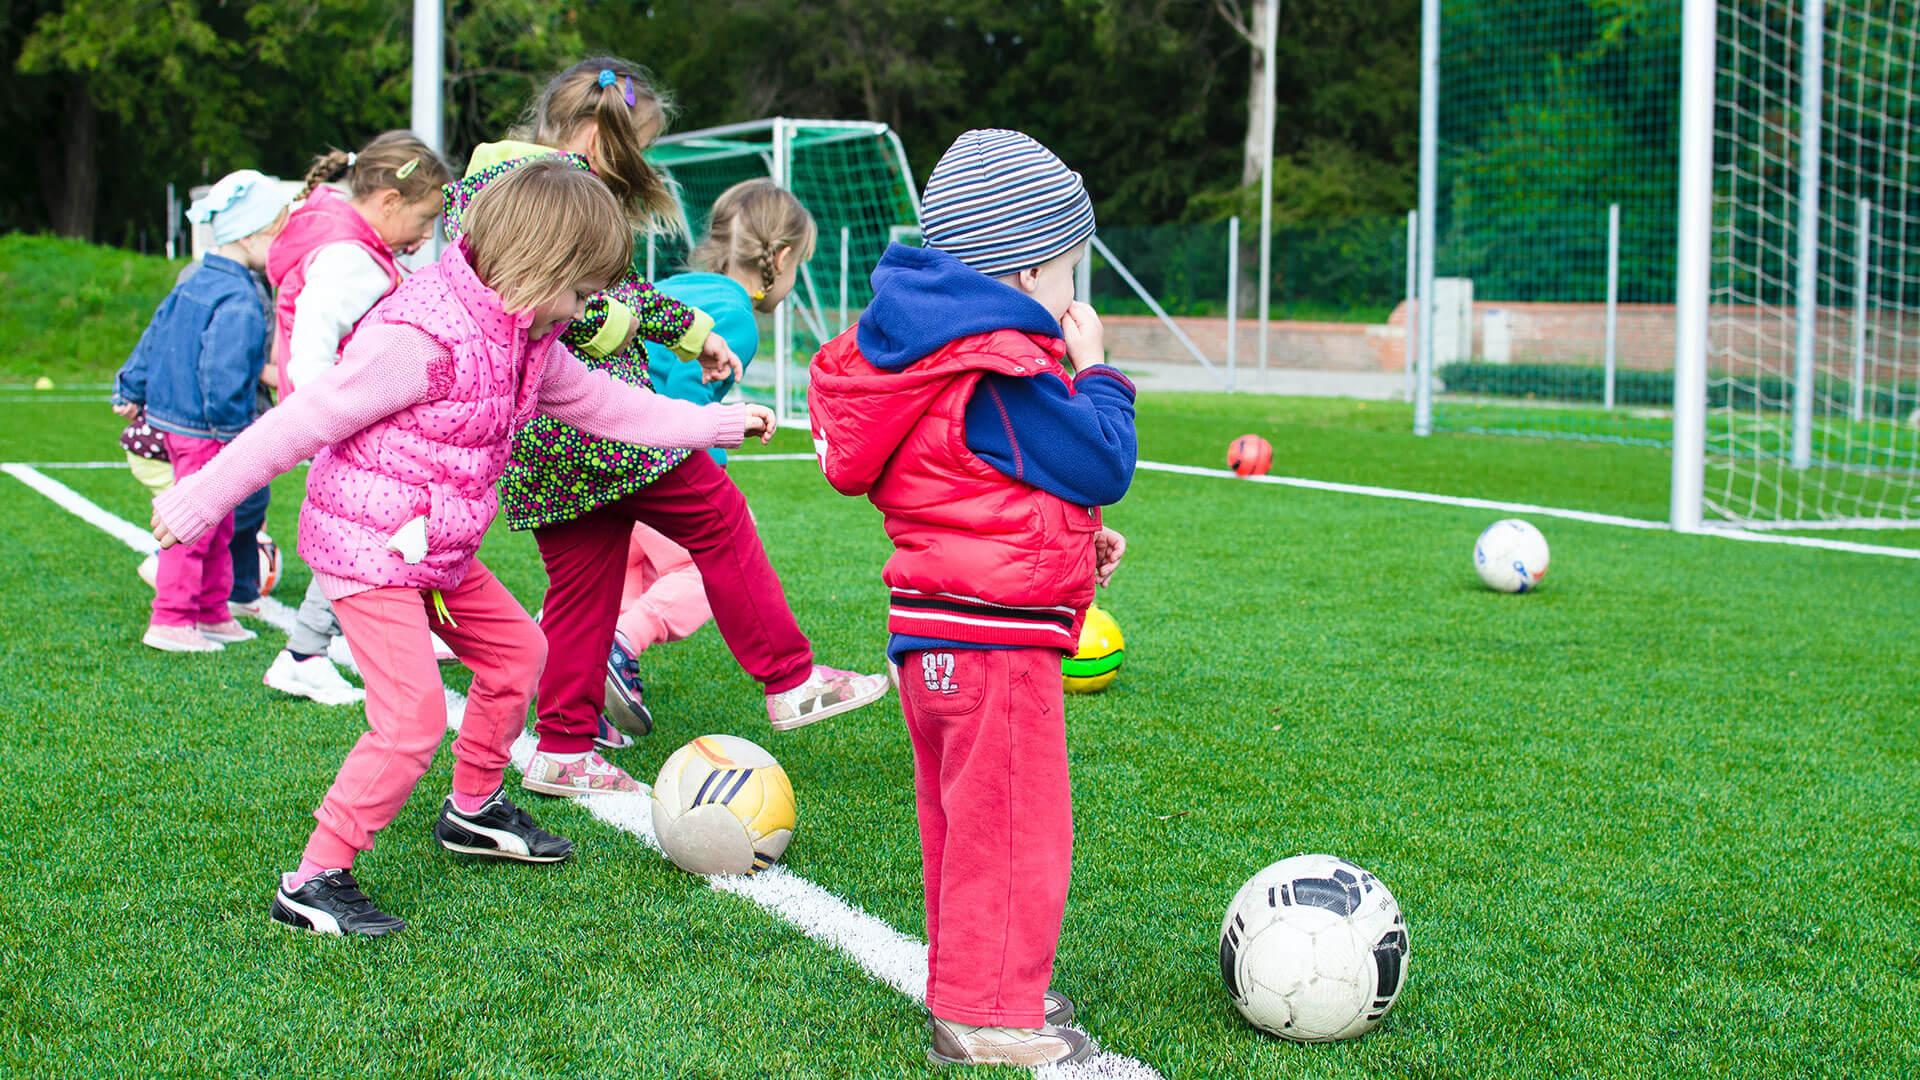 barn-fotball